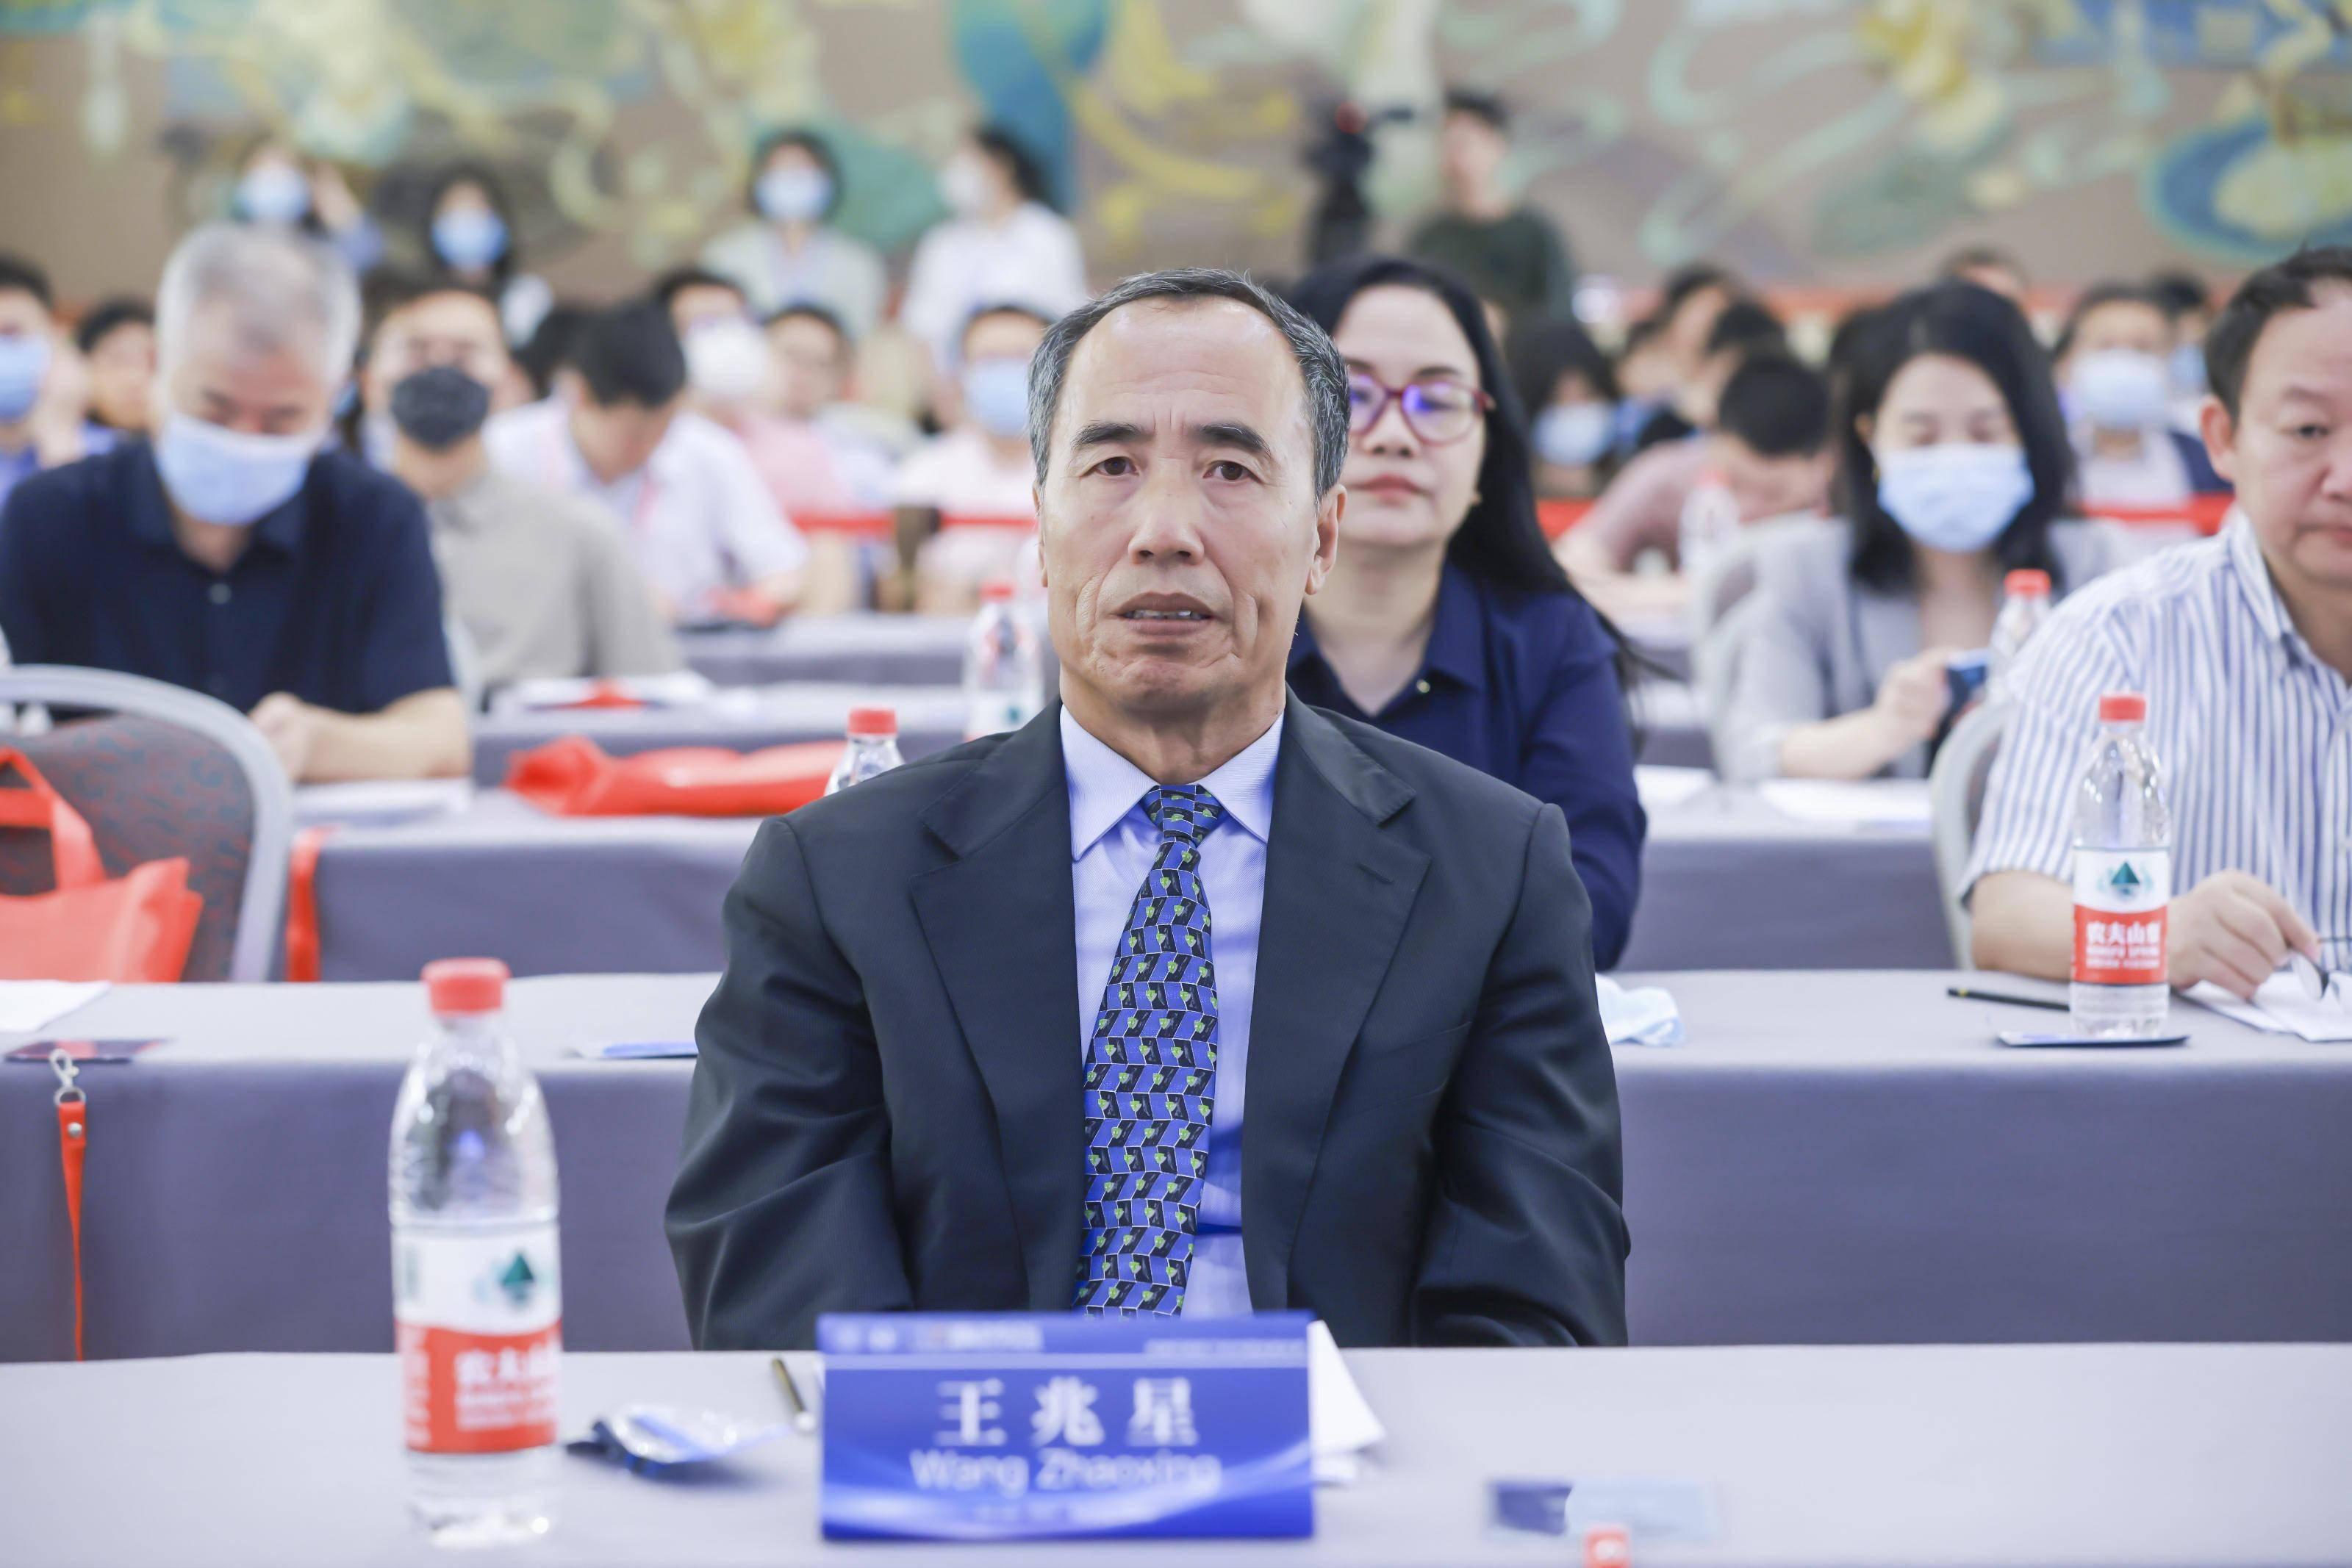 王兆星:巴塞尔监管规则并不是保守封闭、一成不变的